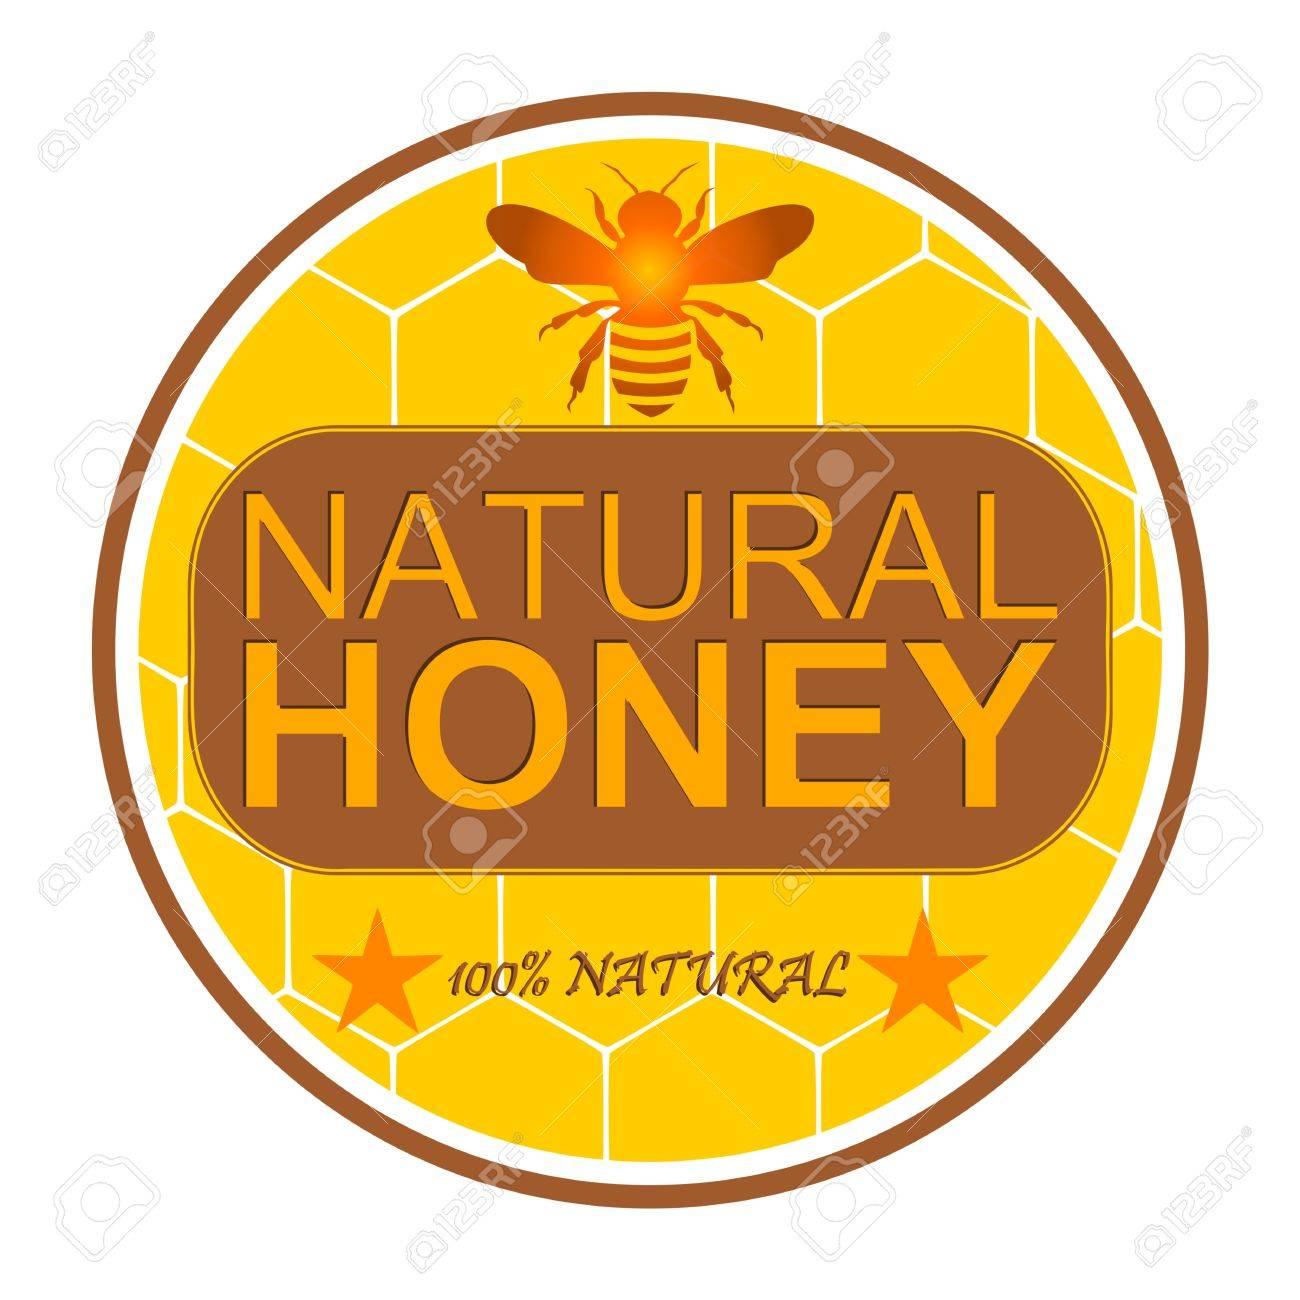 蜂は100 自然 イラストと蜂蜜ラベルのイラスト素材ベクタ Image